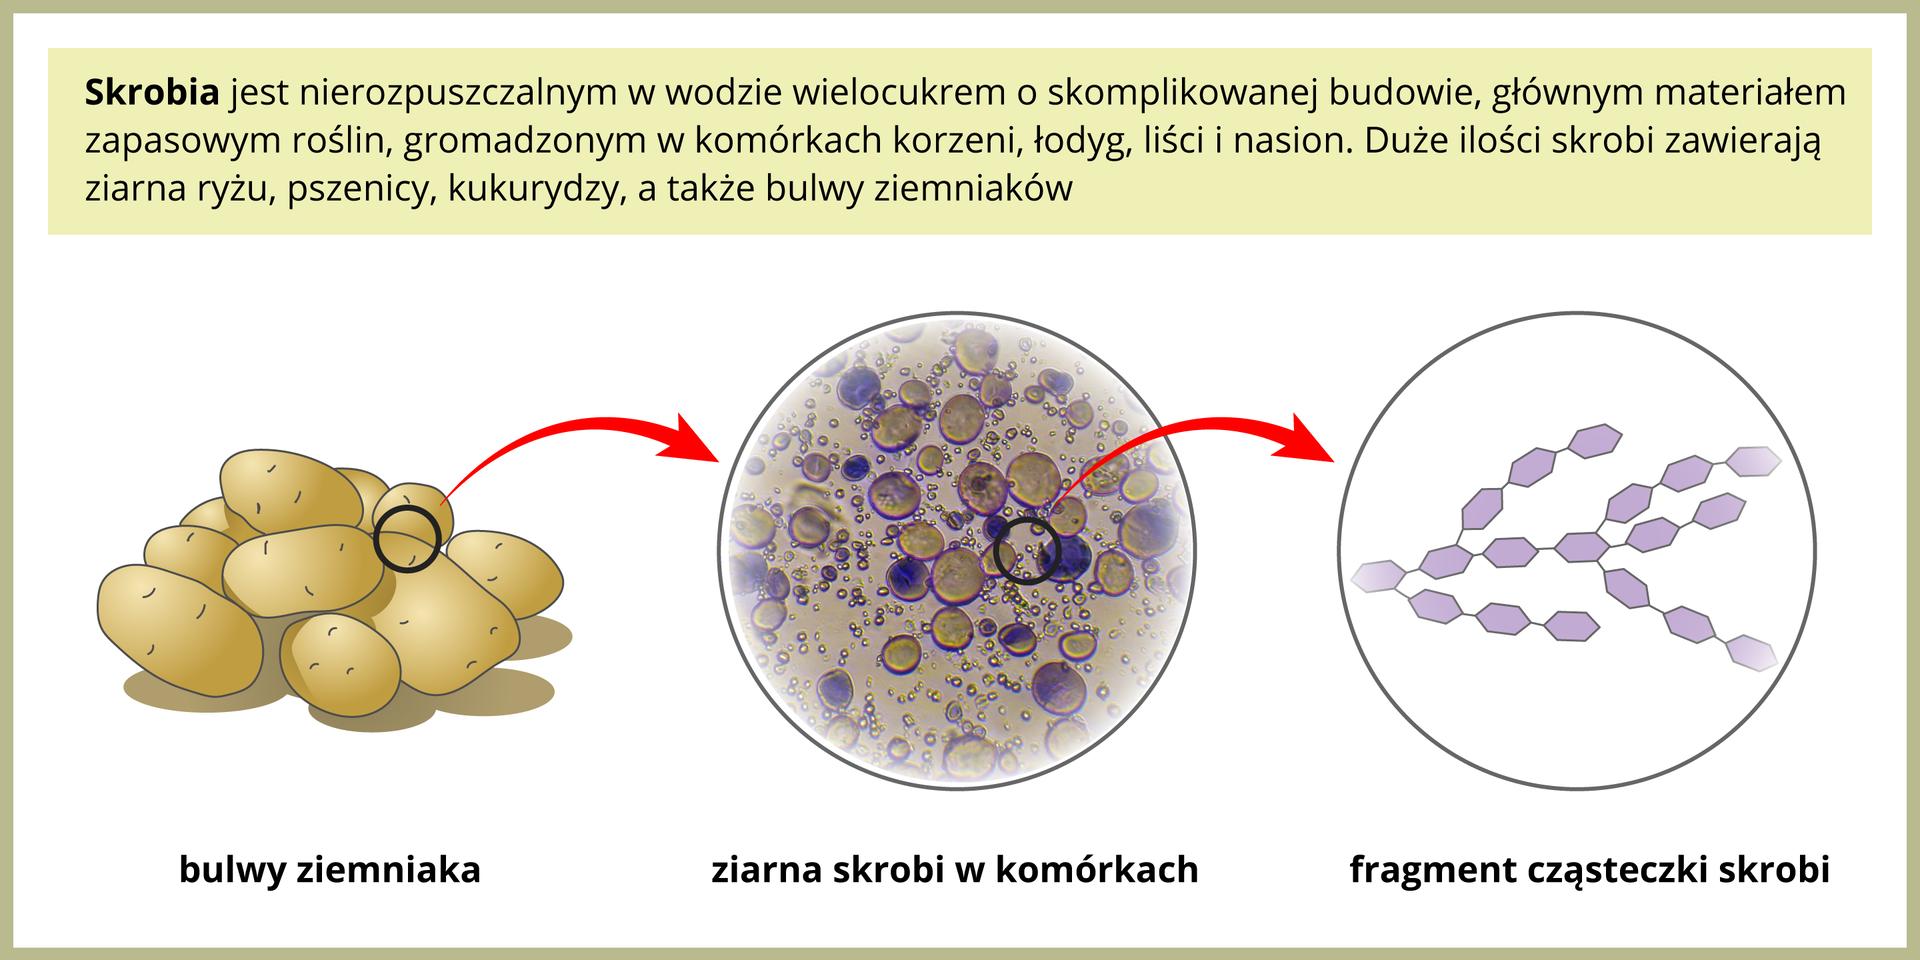 Ilustracja przedstawia po lewej kilka bulw ziemniaków. Czerwona strzałka prowadzi wprawo do powiększenia komórki ziemniaka. Wkomórce znajdują się wybarwione na brązowo ifioletowo ziarna skrobi. Kolejna strzałka wprawo prowadzi do powiększenia cząsteczki skrobi. Zbudowana jest zwielu fioletowych sześciokątów, czyli cząsteczek glukozy.